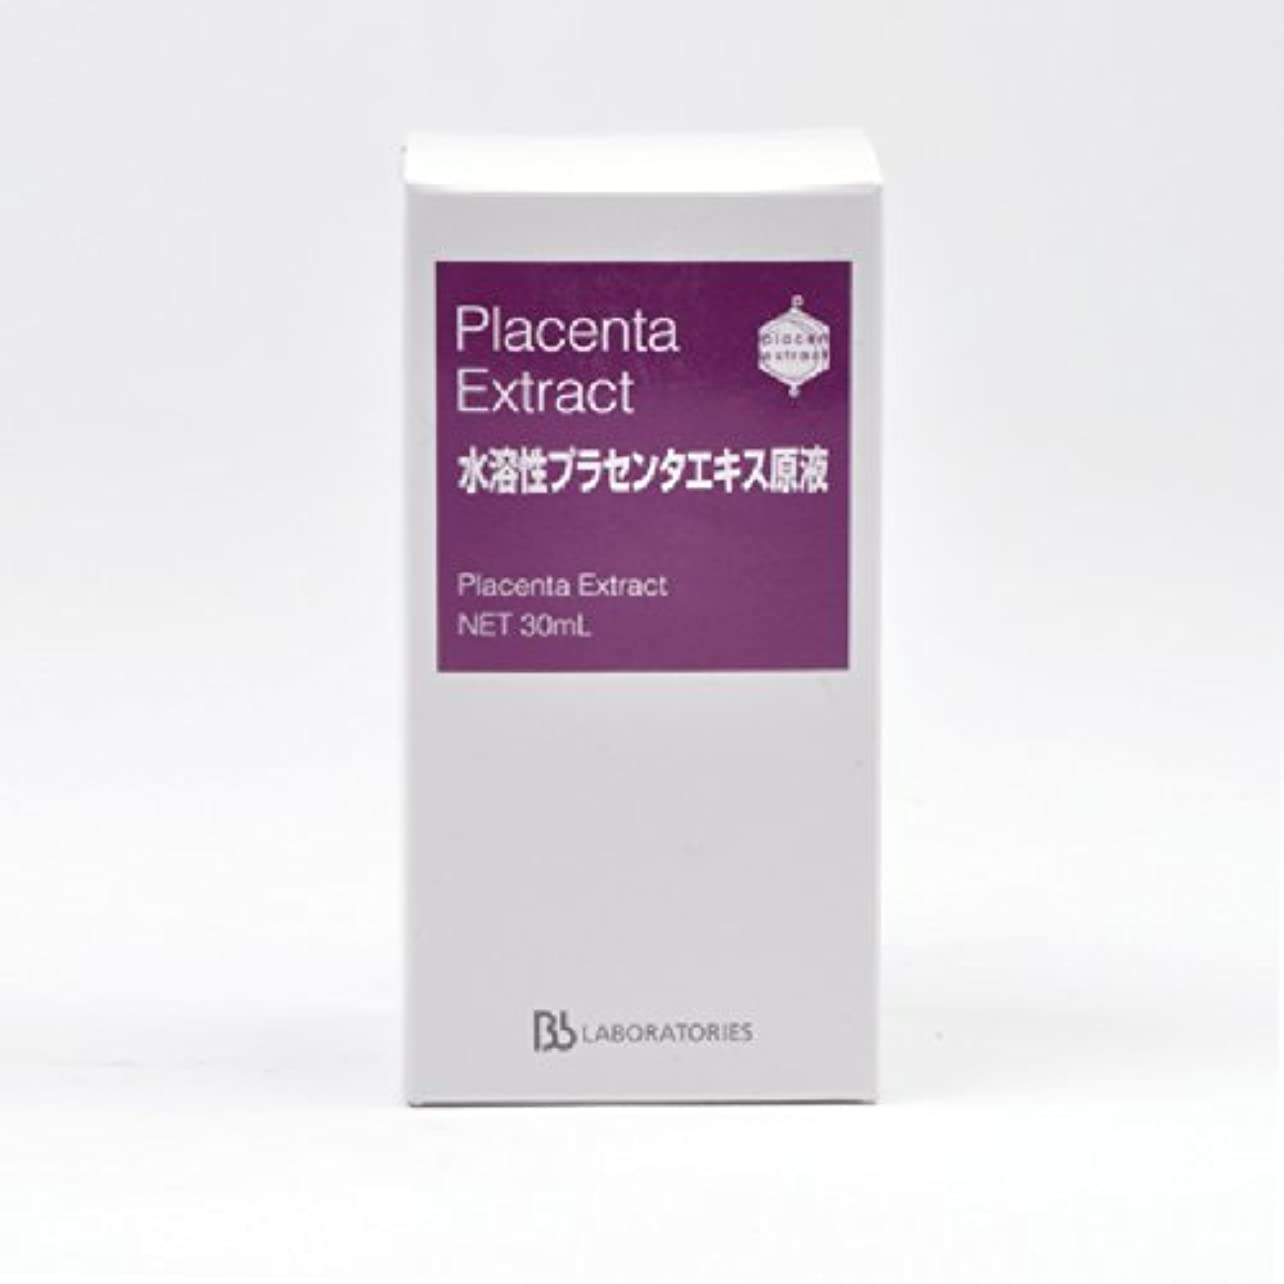 セグメント顕著きょうだいBbラボラトリーズ 水溶性プラセンタエキス原液 (30ml)